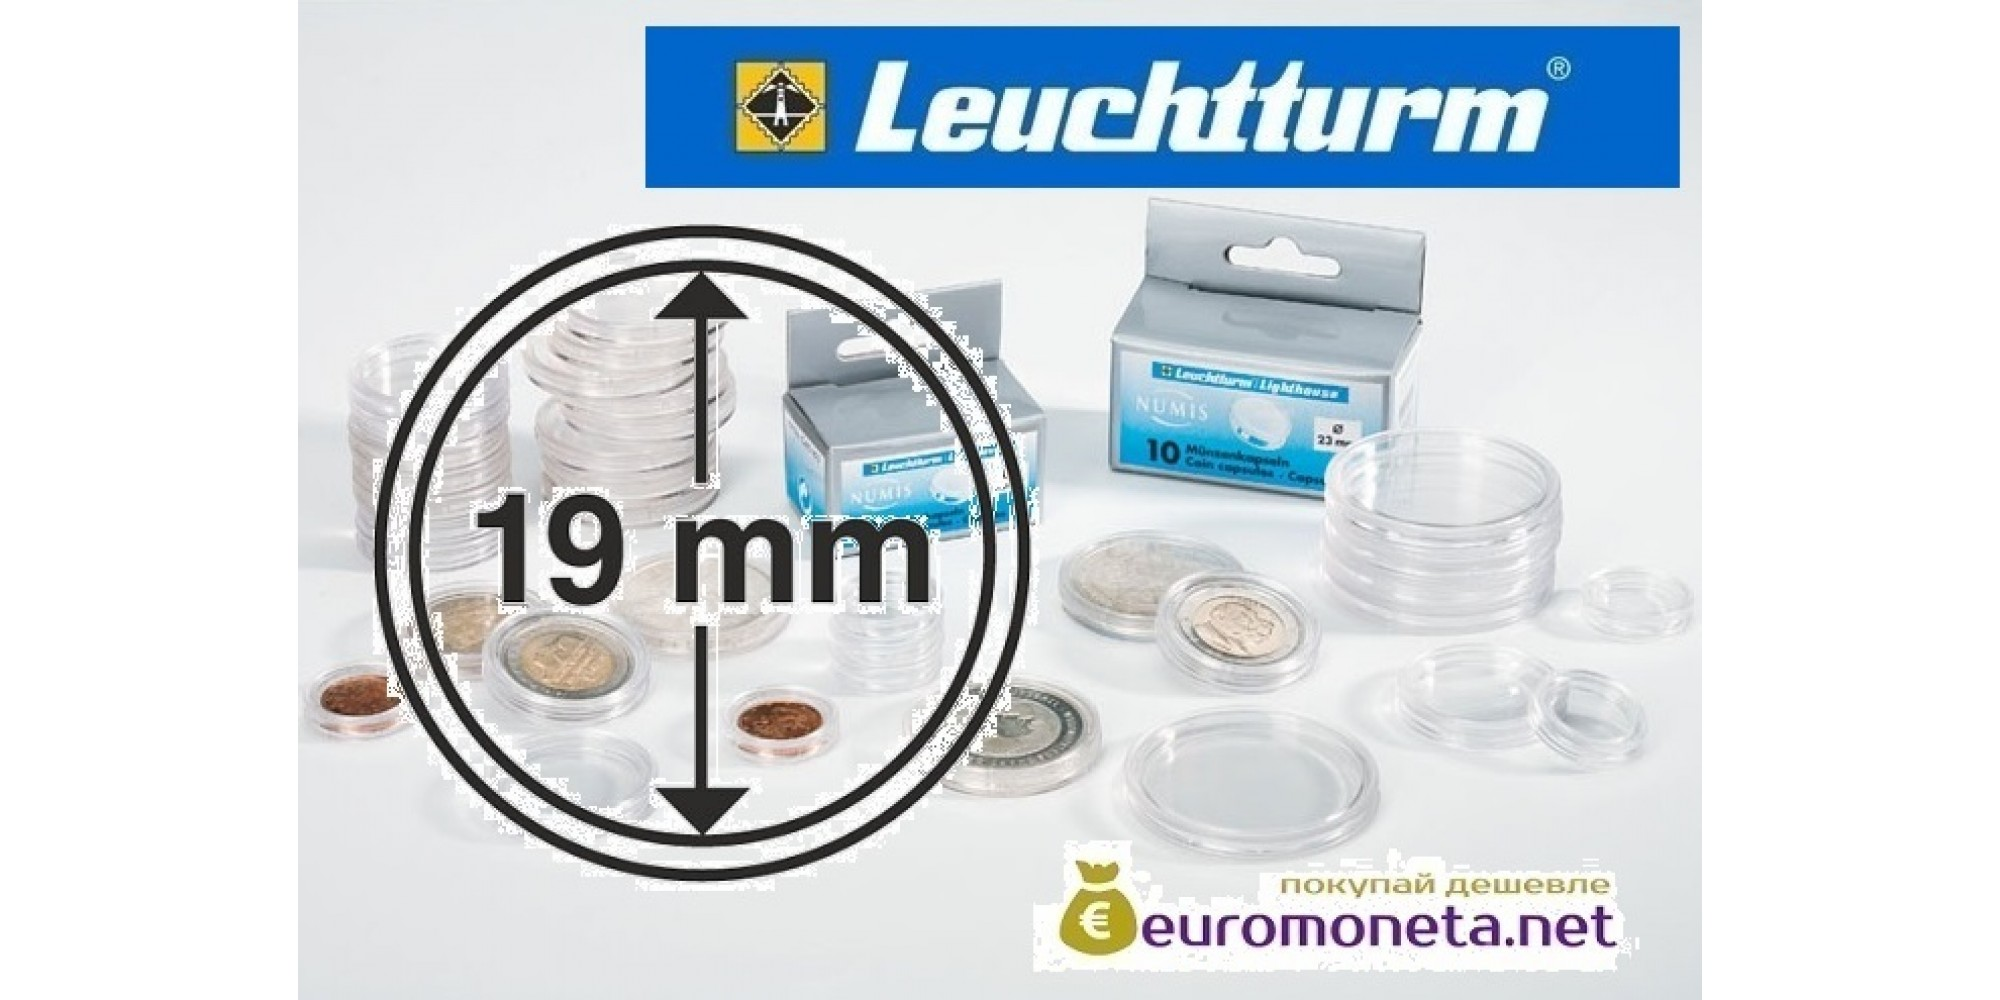 Leuchtturm капсула для хранения монет внутренний диаметр 19 мм, внешний 25 мм, 10 штук, Германия